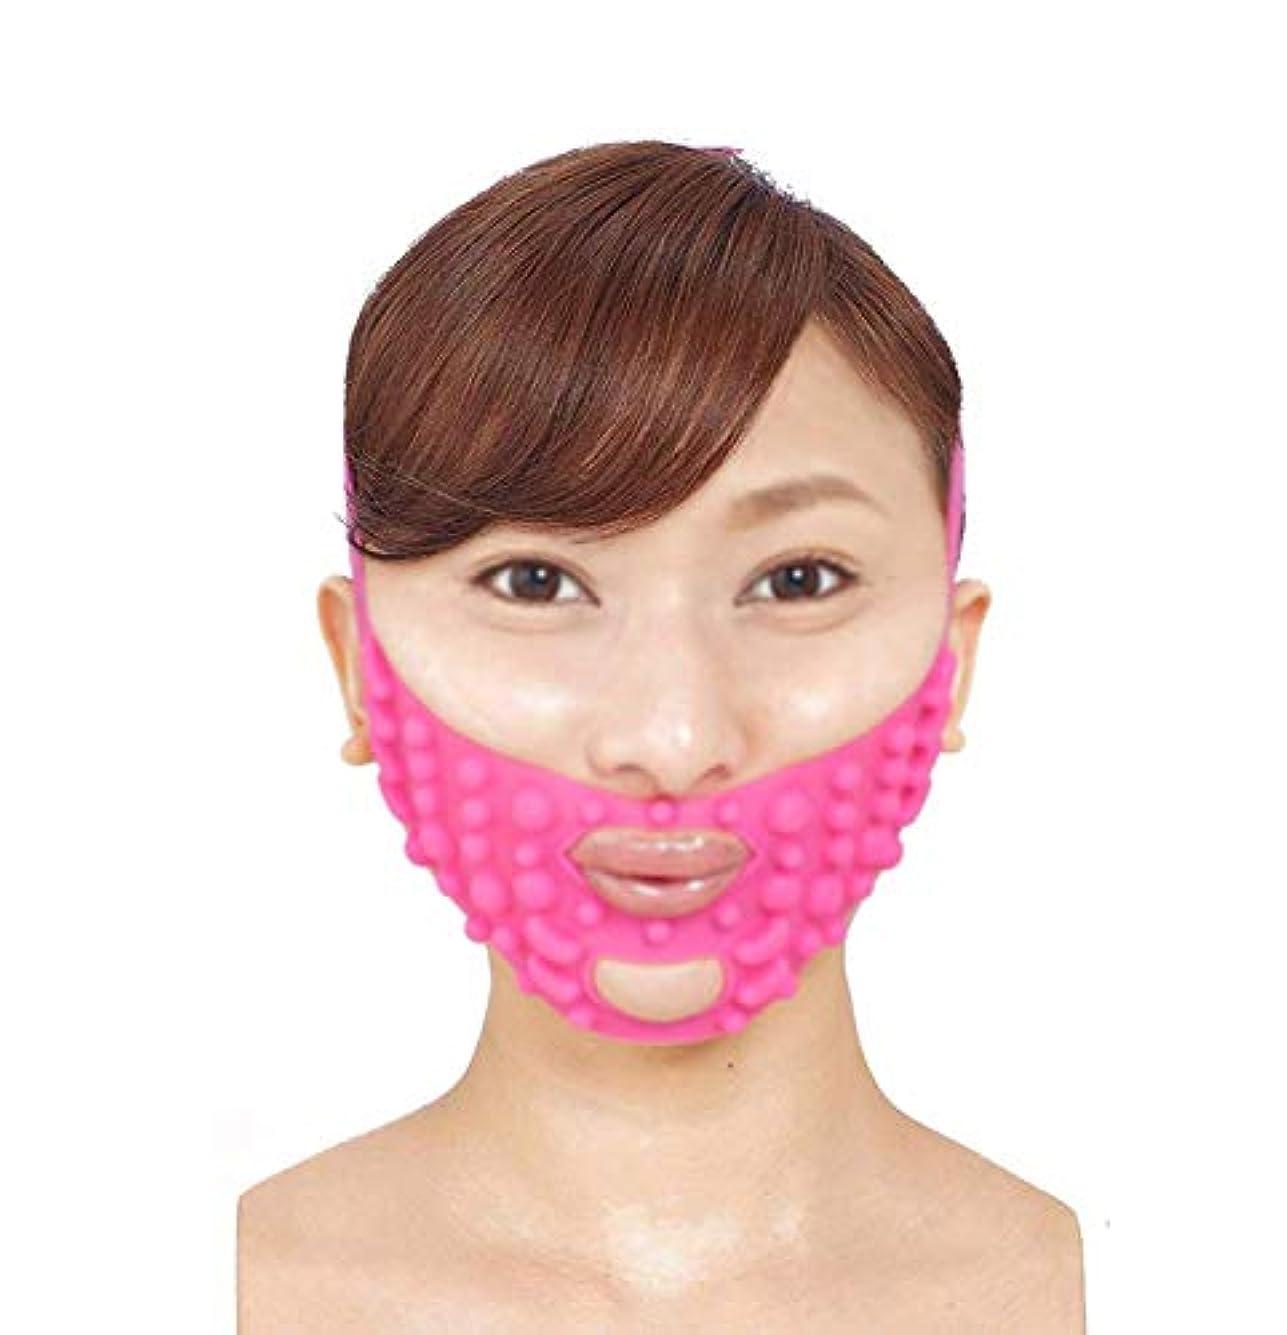 開拓者競争誰でもフェイシャルマスク、リフティングアーティファクトフェイスマスク垂れ下がった小さなVフェイスバンデージ付きの顔